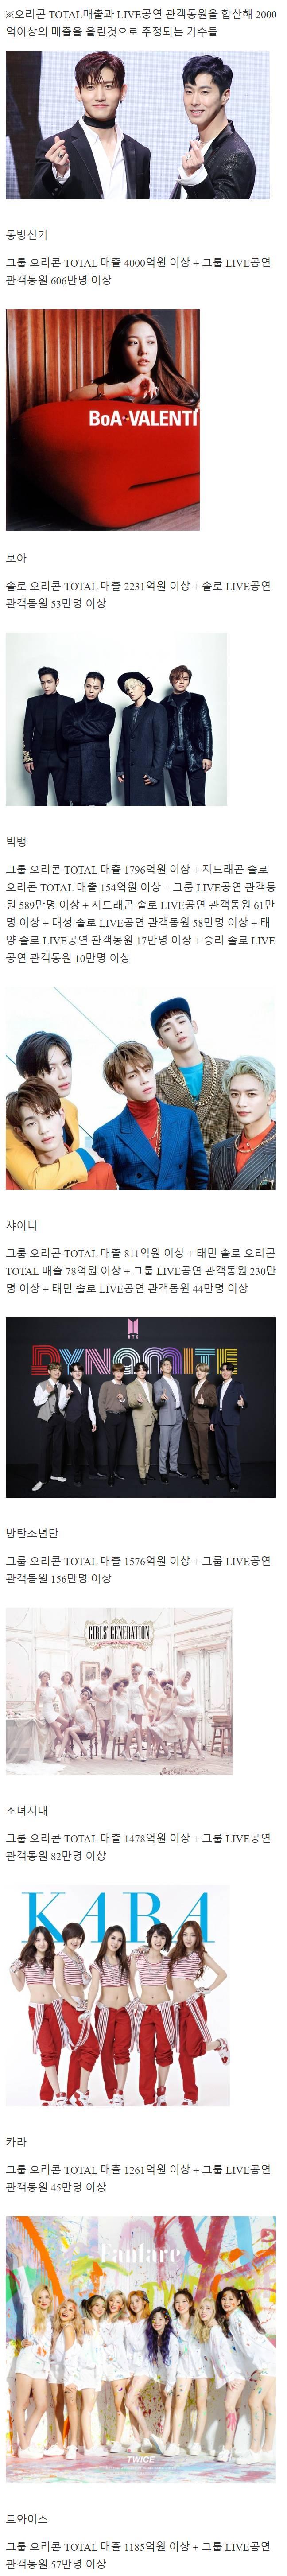 일본에서 매출 2천억 이상 기록한 한국 가수들 | 인스티즈